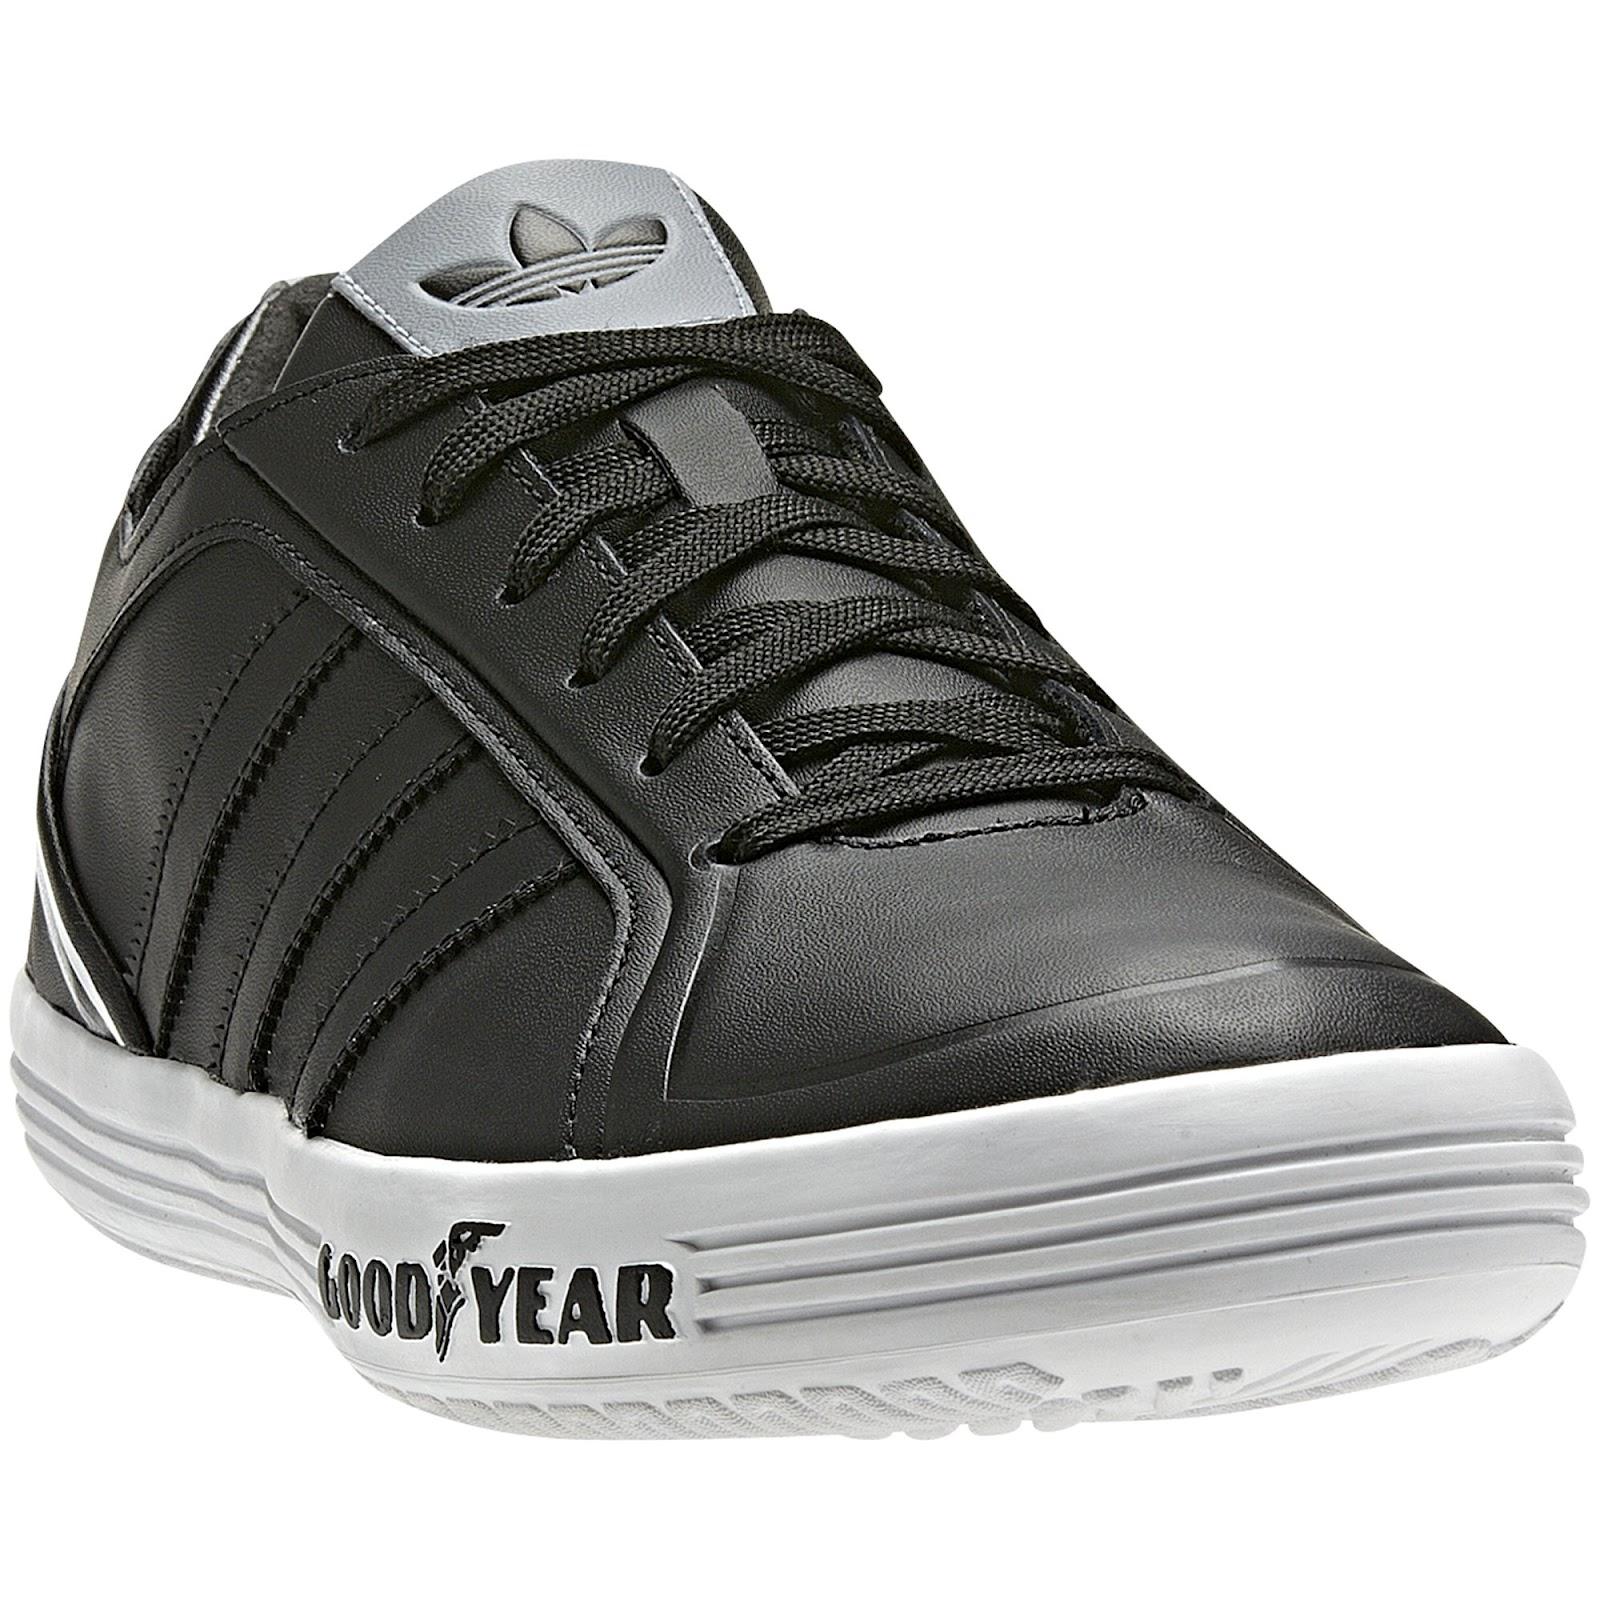 emoción tuyo sanar  Adidas Goodyear Collection Shoes